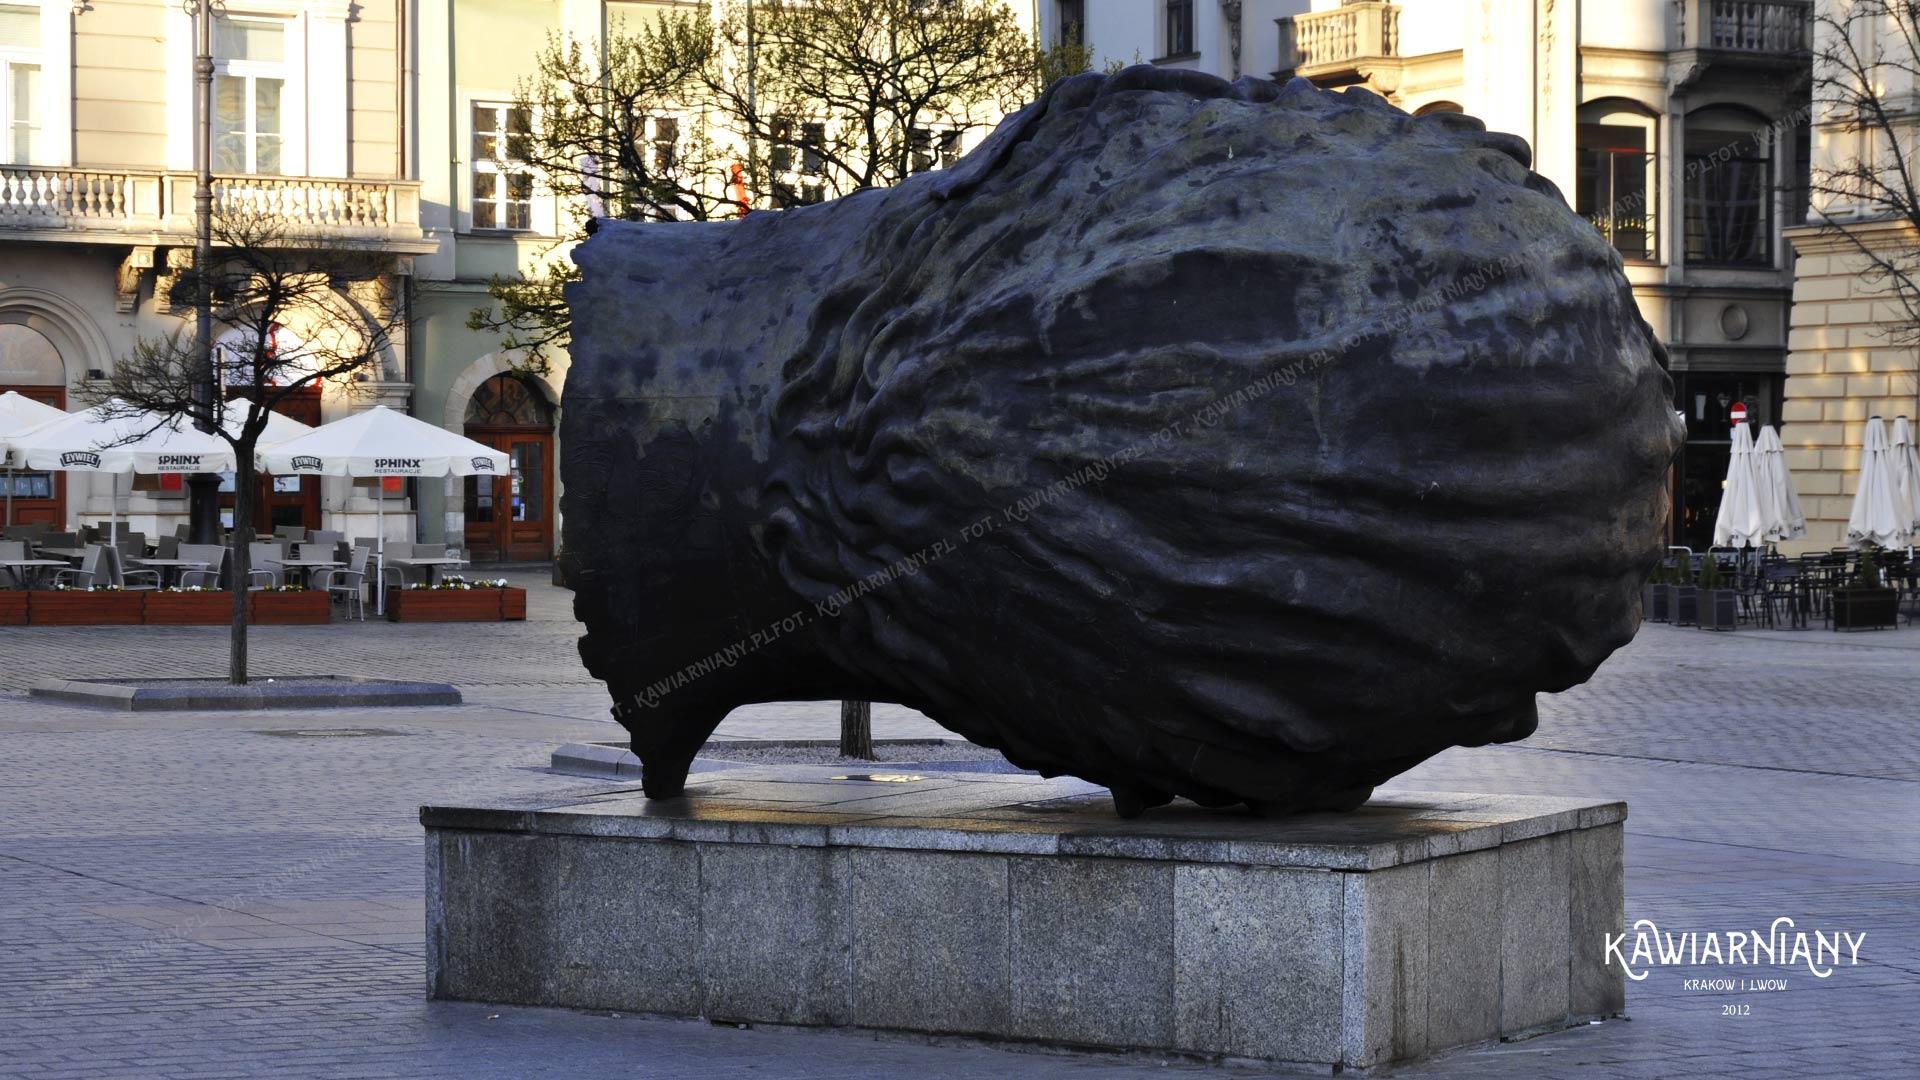 Głowa na Rynku w Krakowie